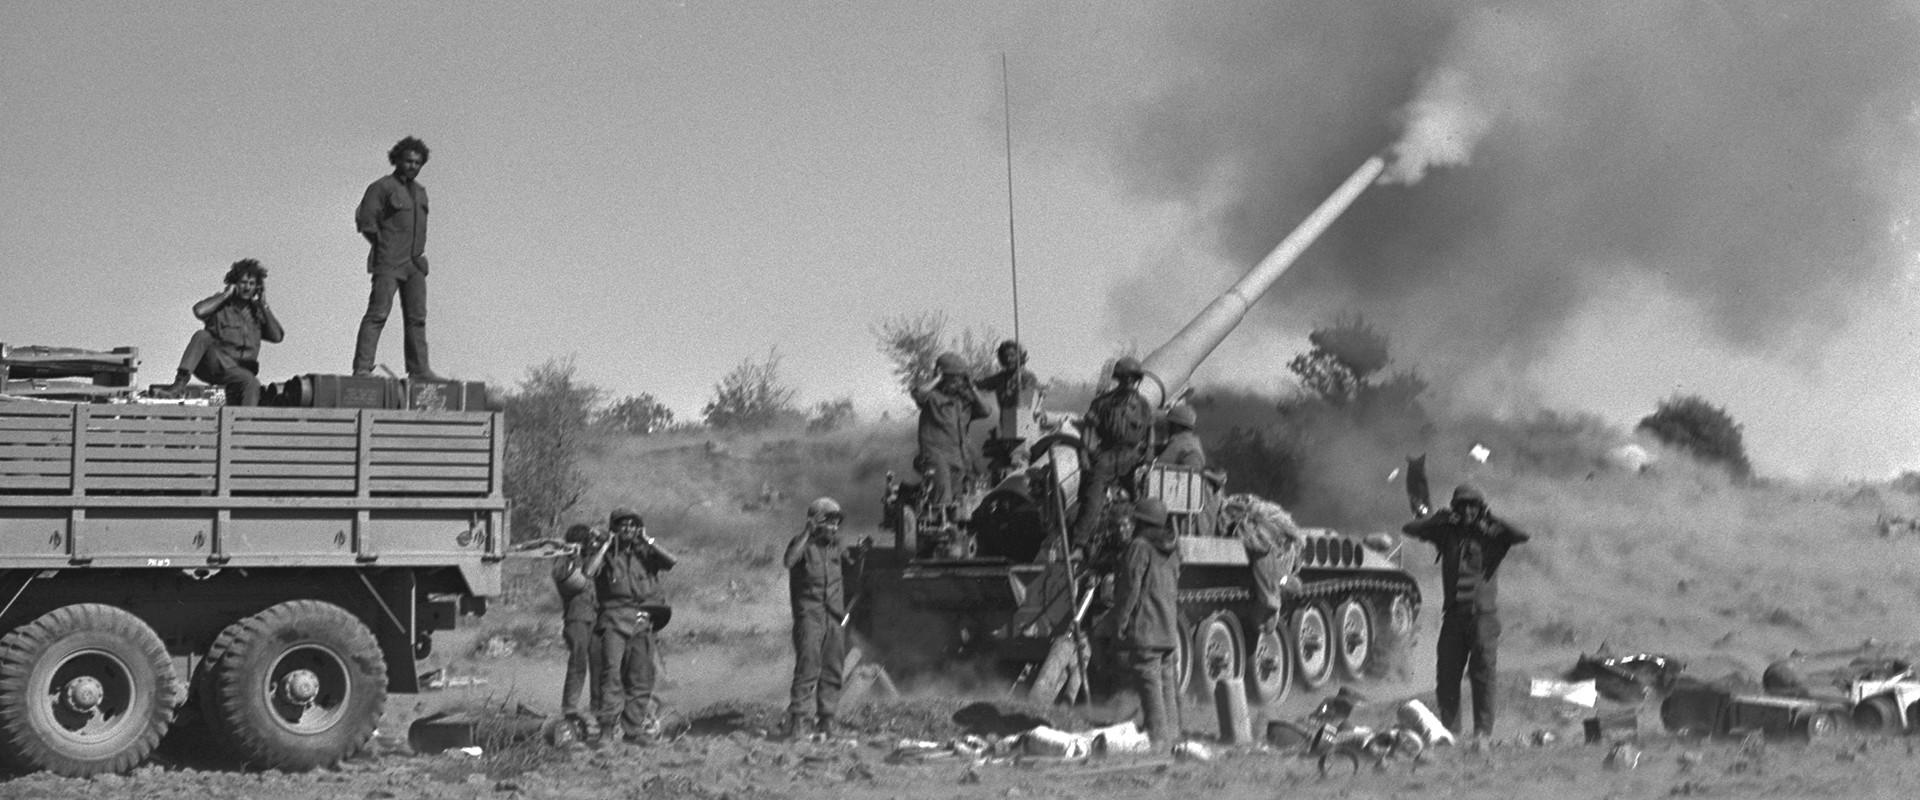 מלחמת יום הכיפורים (צילום: משרד הביטחון)